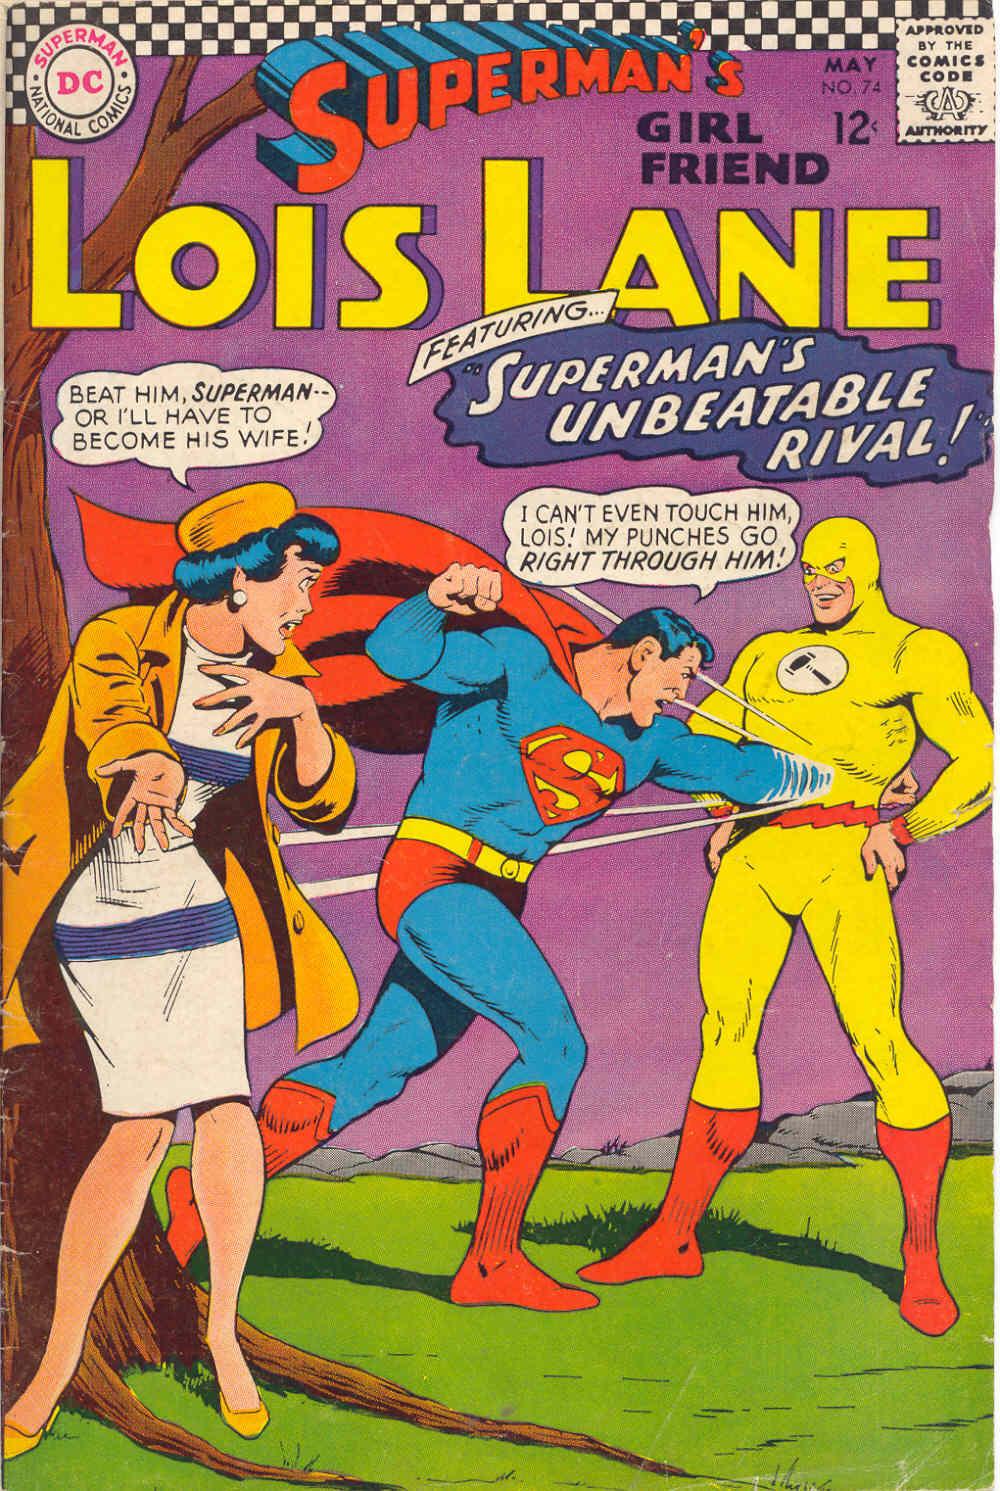 Supermans Girl Friend, Lois Lane 74 Page 1